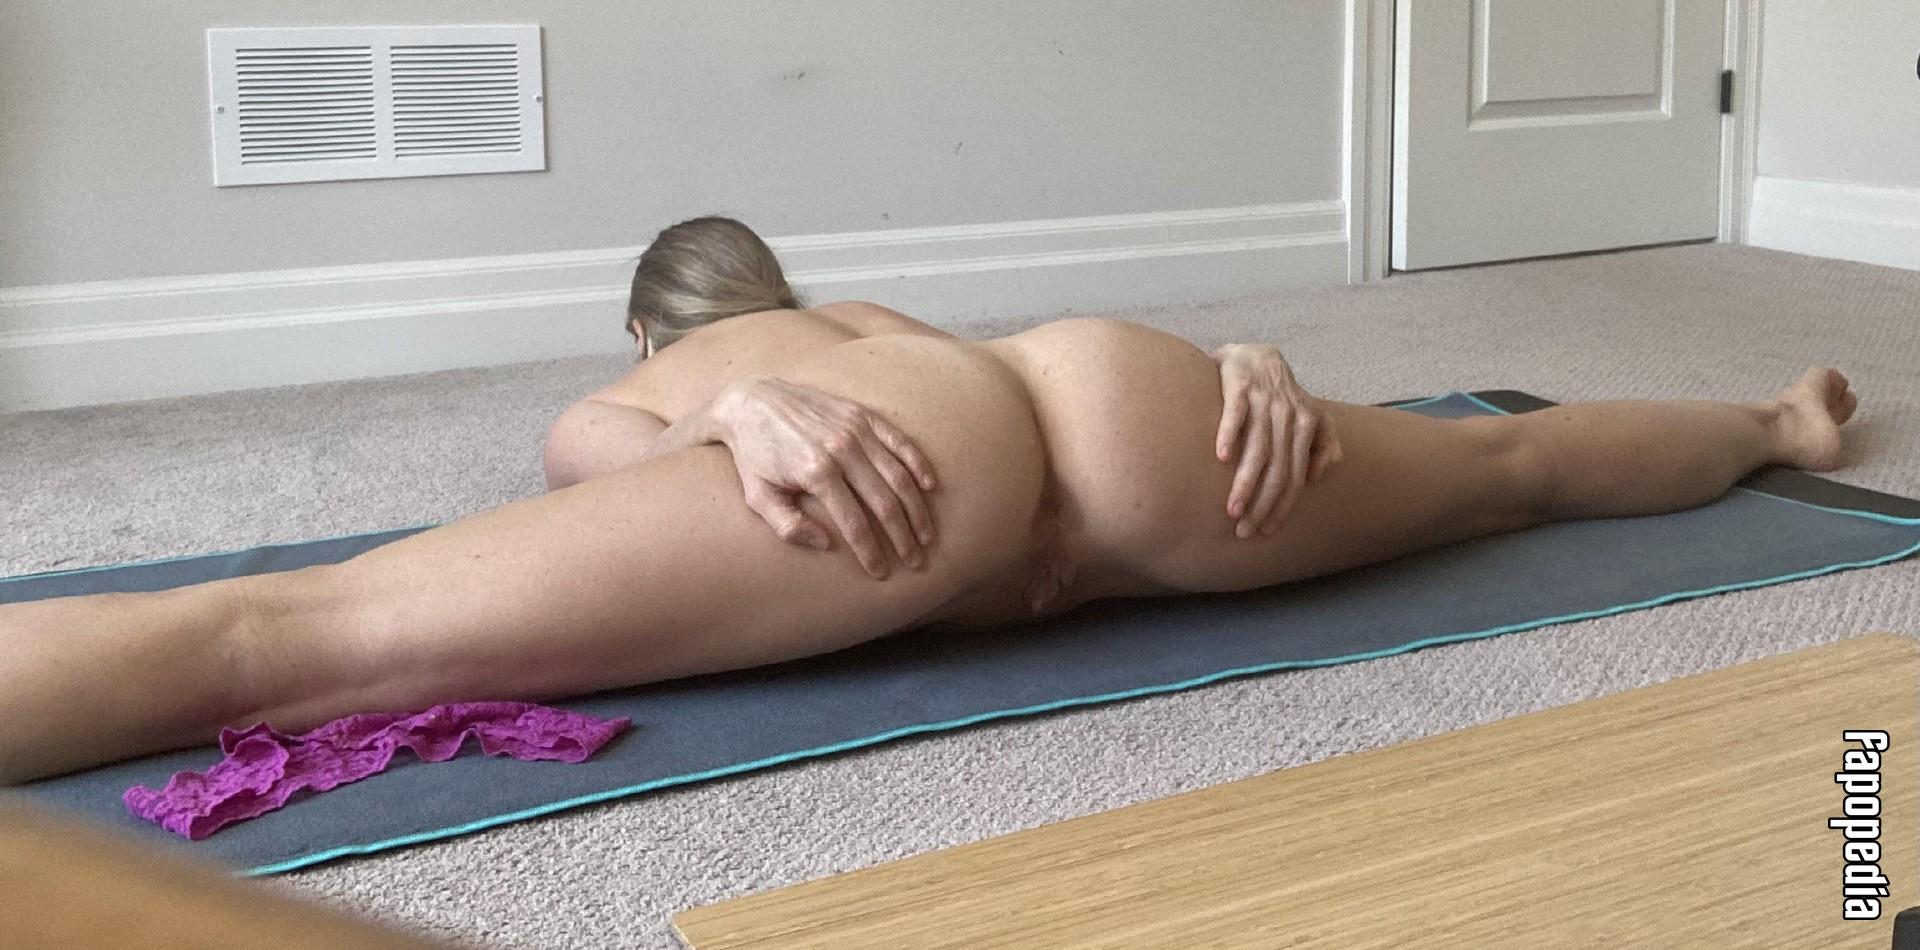 Bell-Reyer nackt Cristina  Kristen Bell